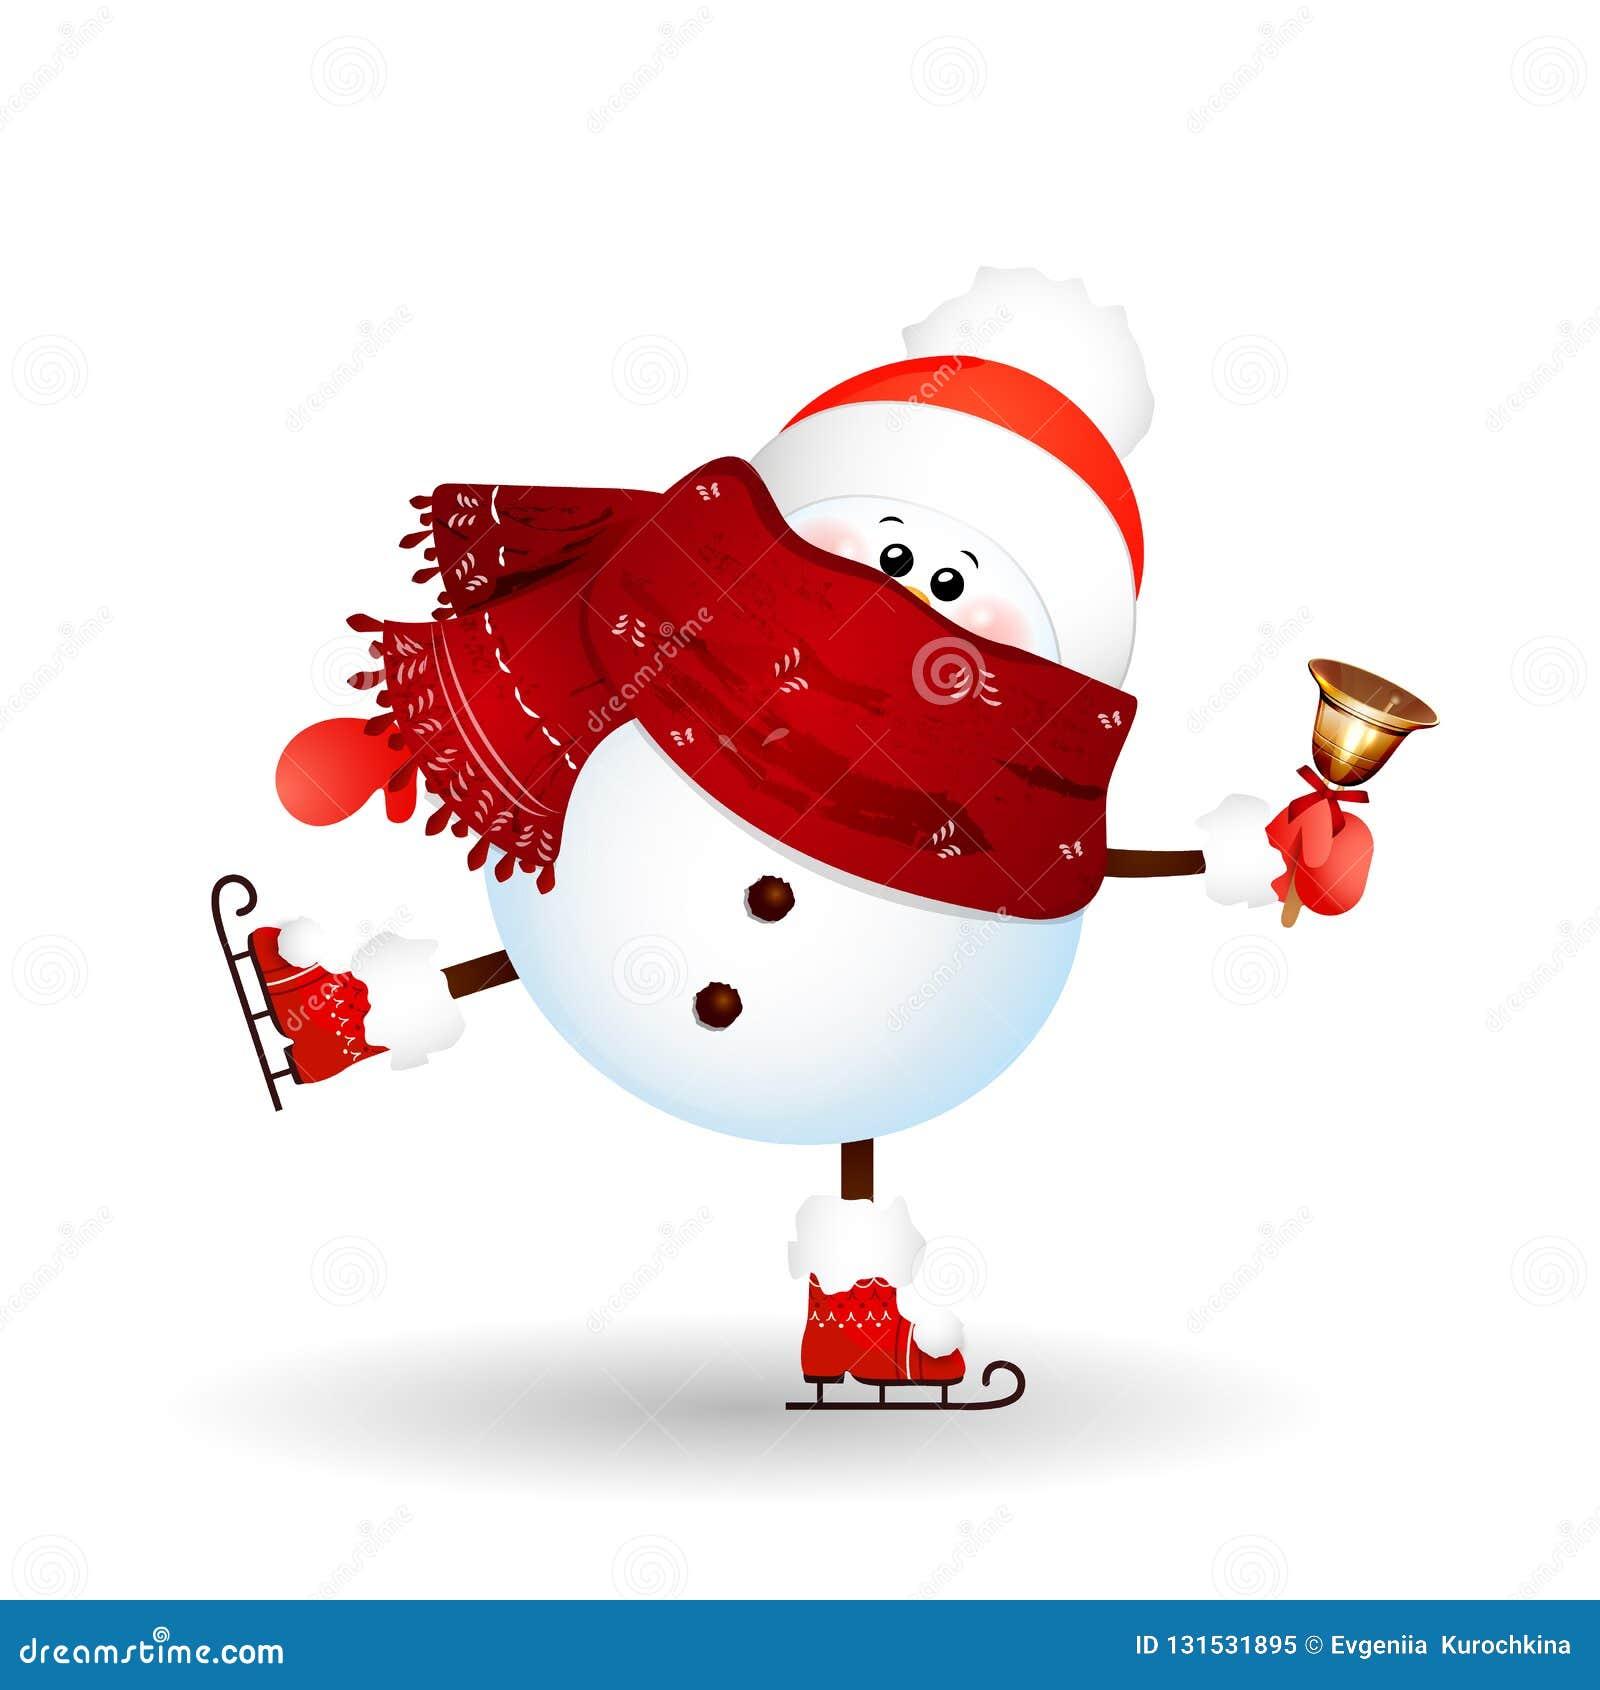 Χριστούγεννα, χαριτωμένος, αστείος πάγος χιονανθρώπων που κάνουν πατινάζ με τα χρυσά κάλαντα που απομονώνονται στο άσπρο υπόβαθρο